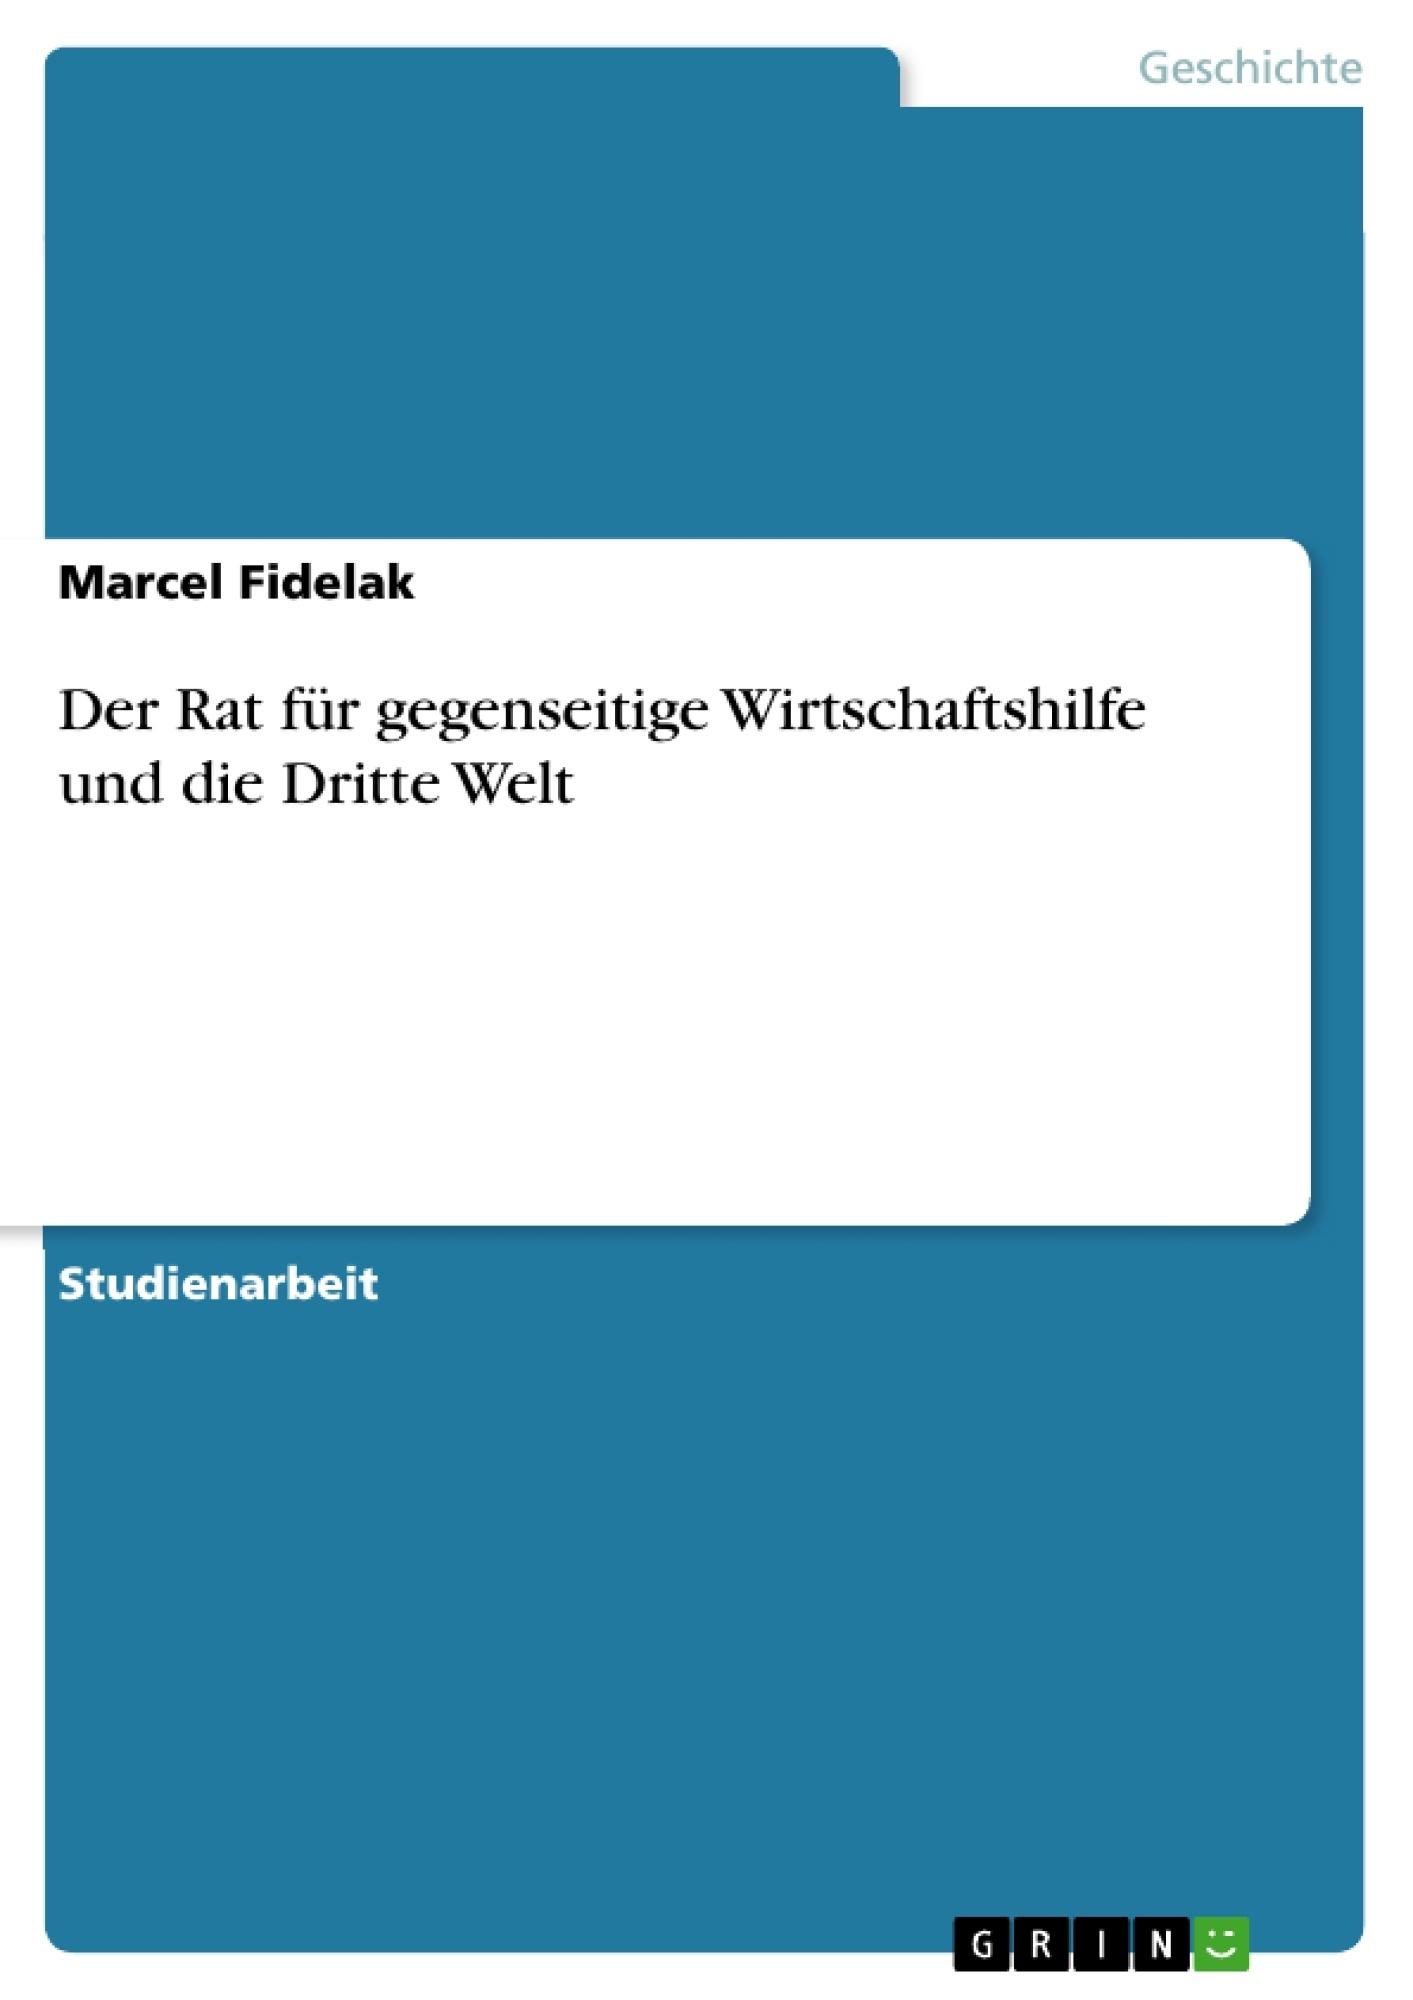 Titel: Der Rat für gegenseitige Wirtschaftshilfe und die Dritte Welt